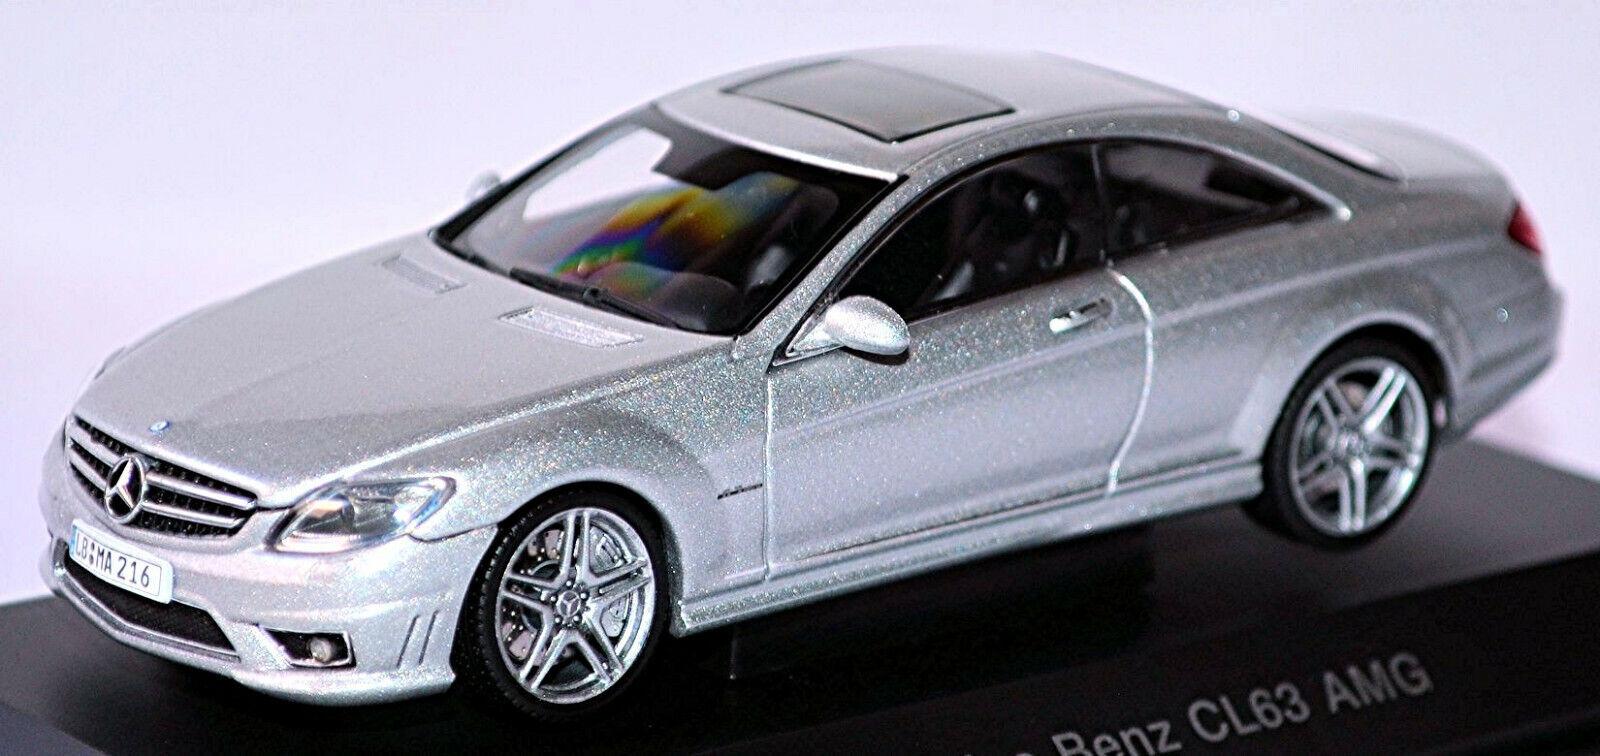 Mercedes Benz CL 63 AMG C216 Coupé 2006-10 Plata Metal 1:43 Autoart